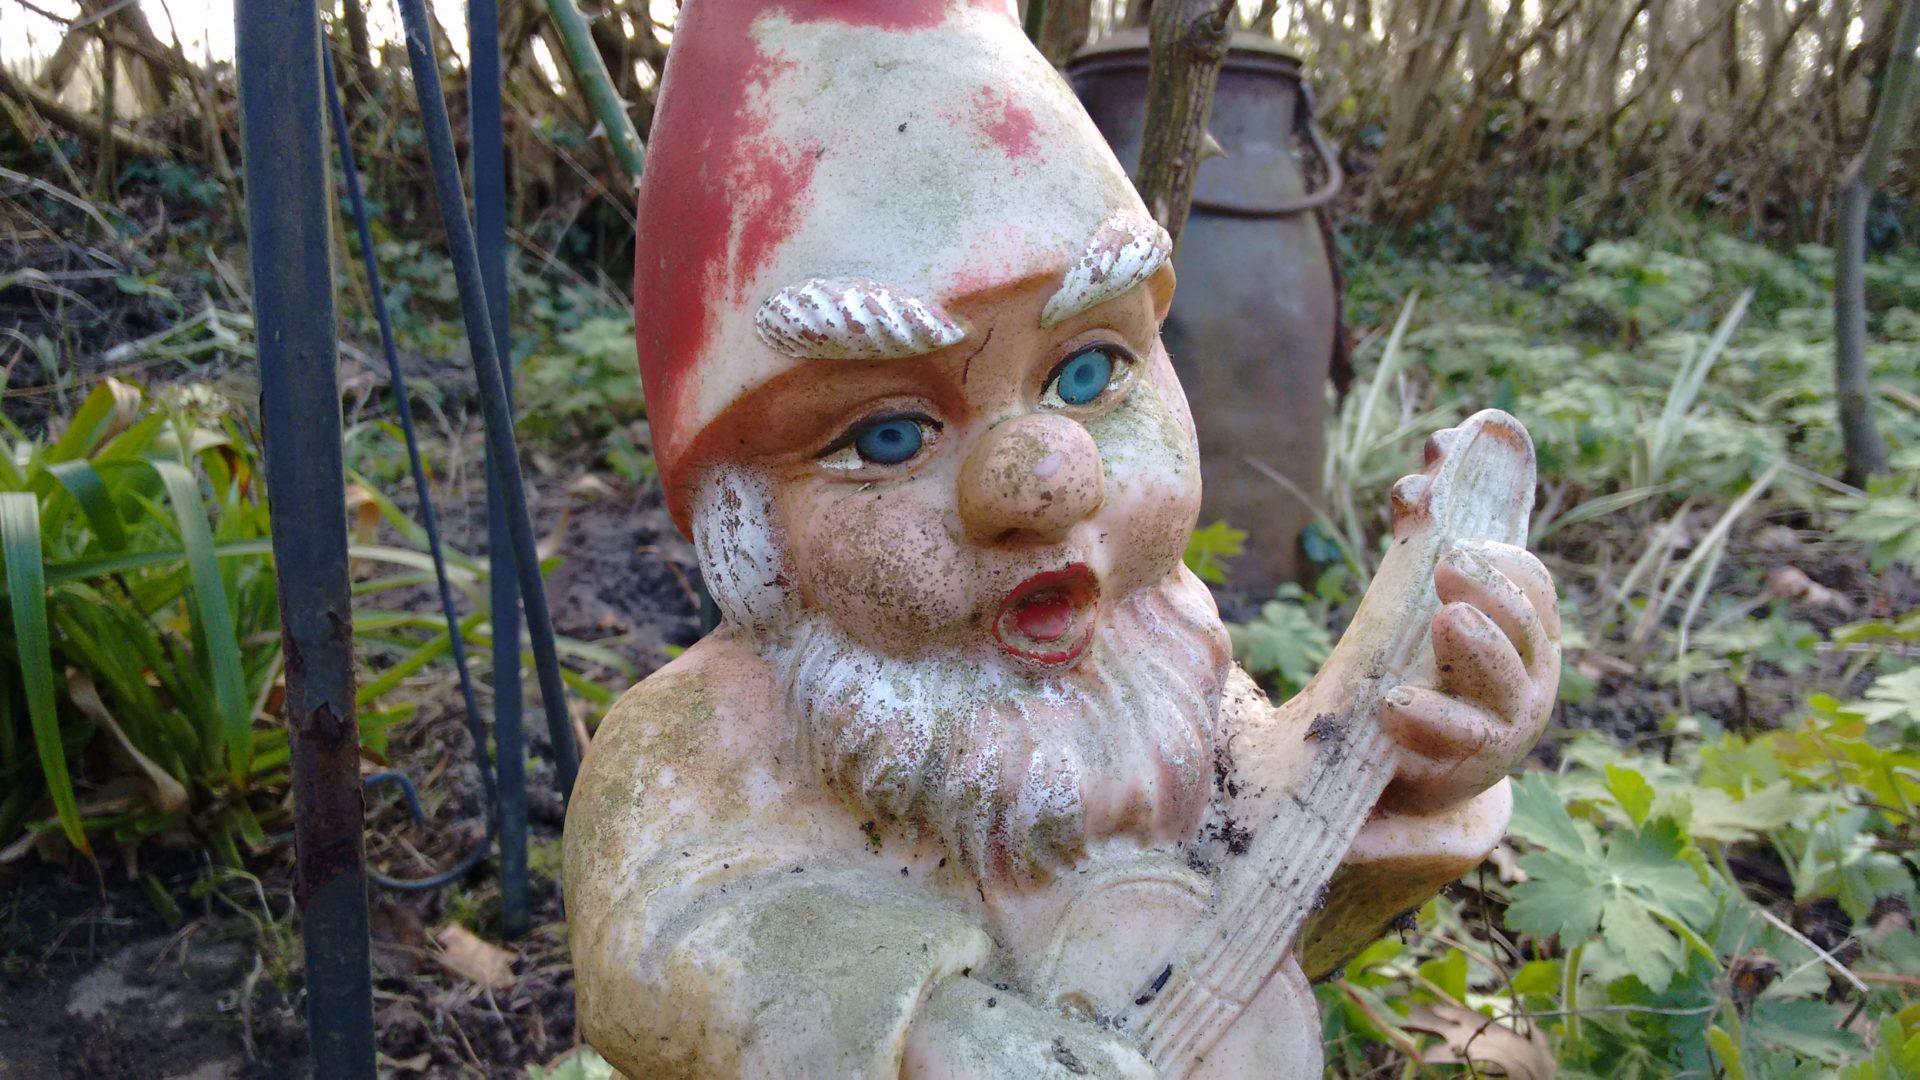 Le fantôme de Westensee, une histoire d'infanticide